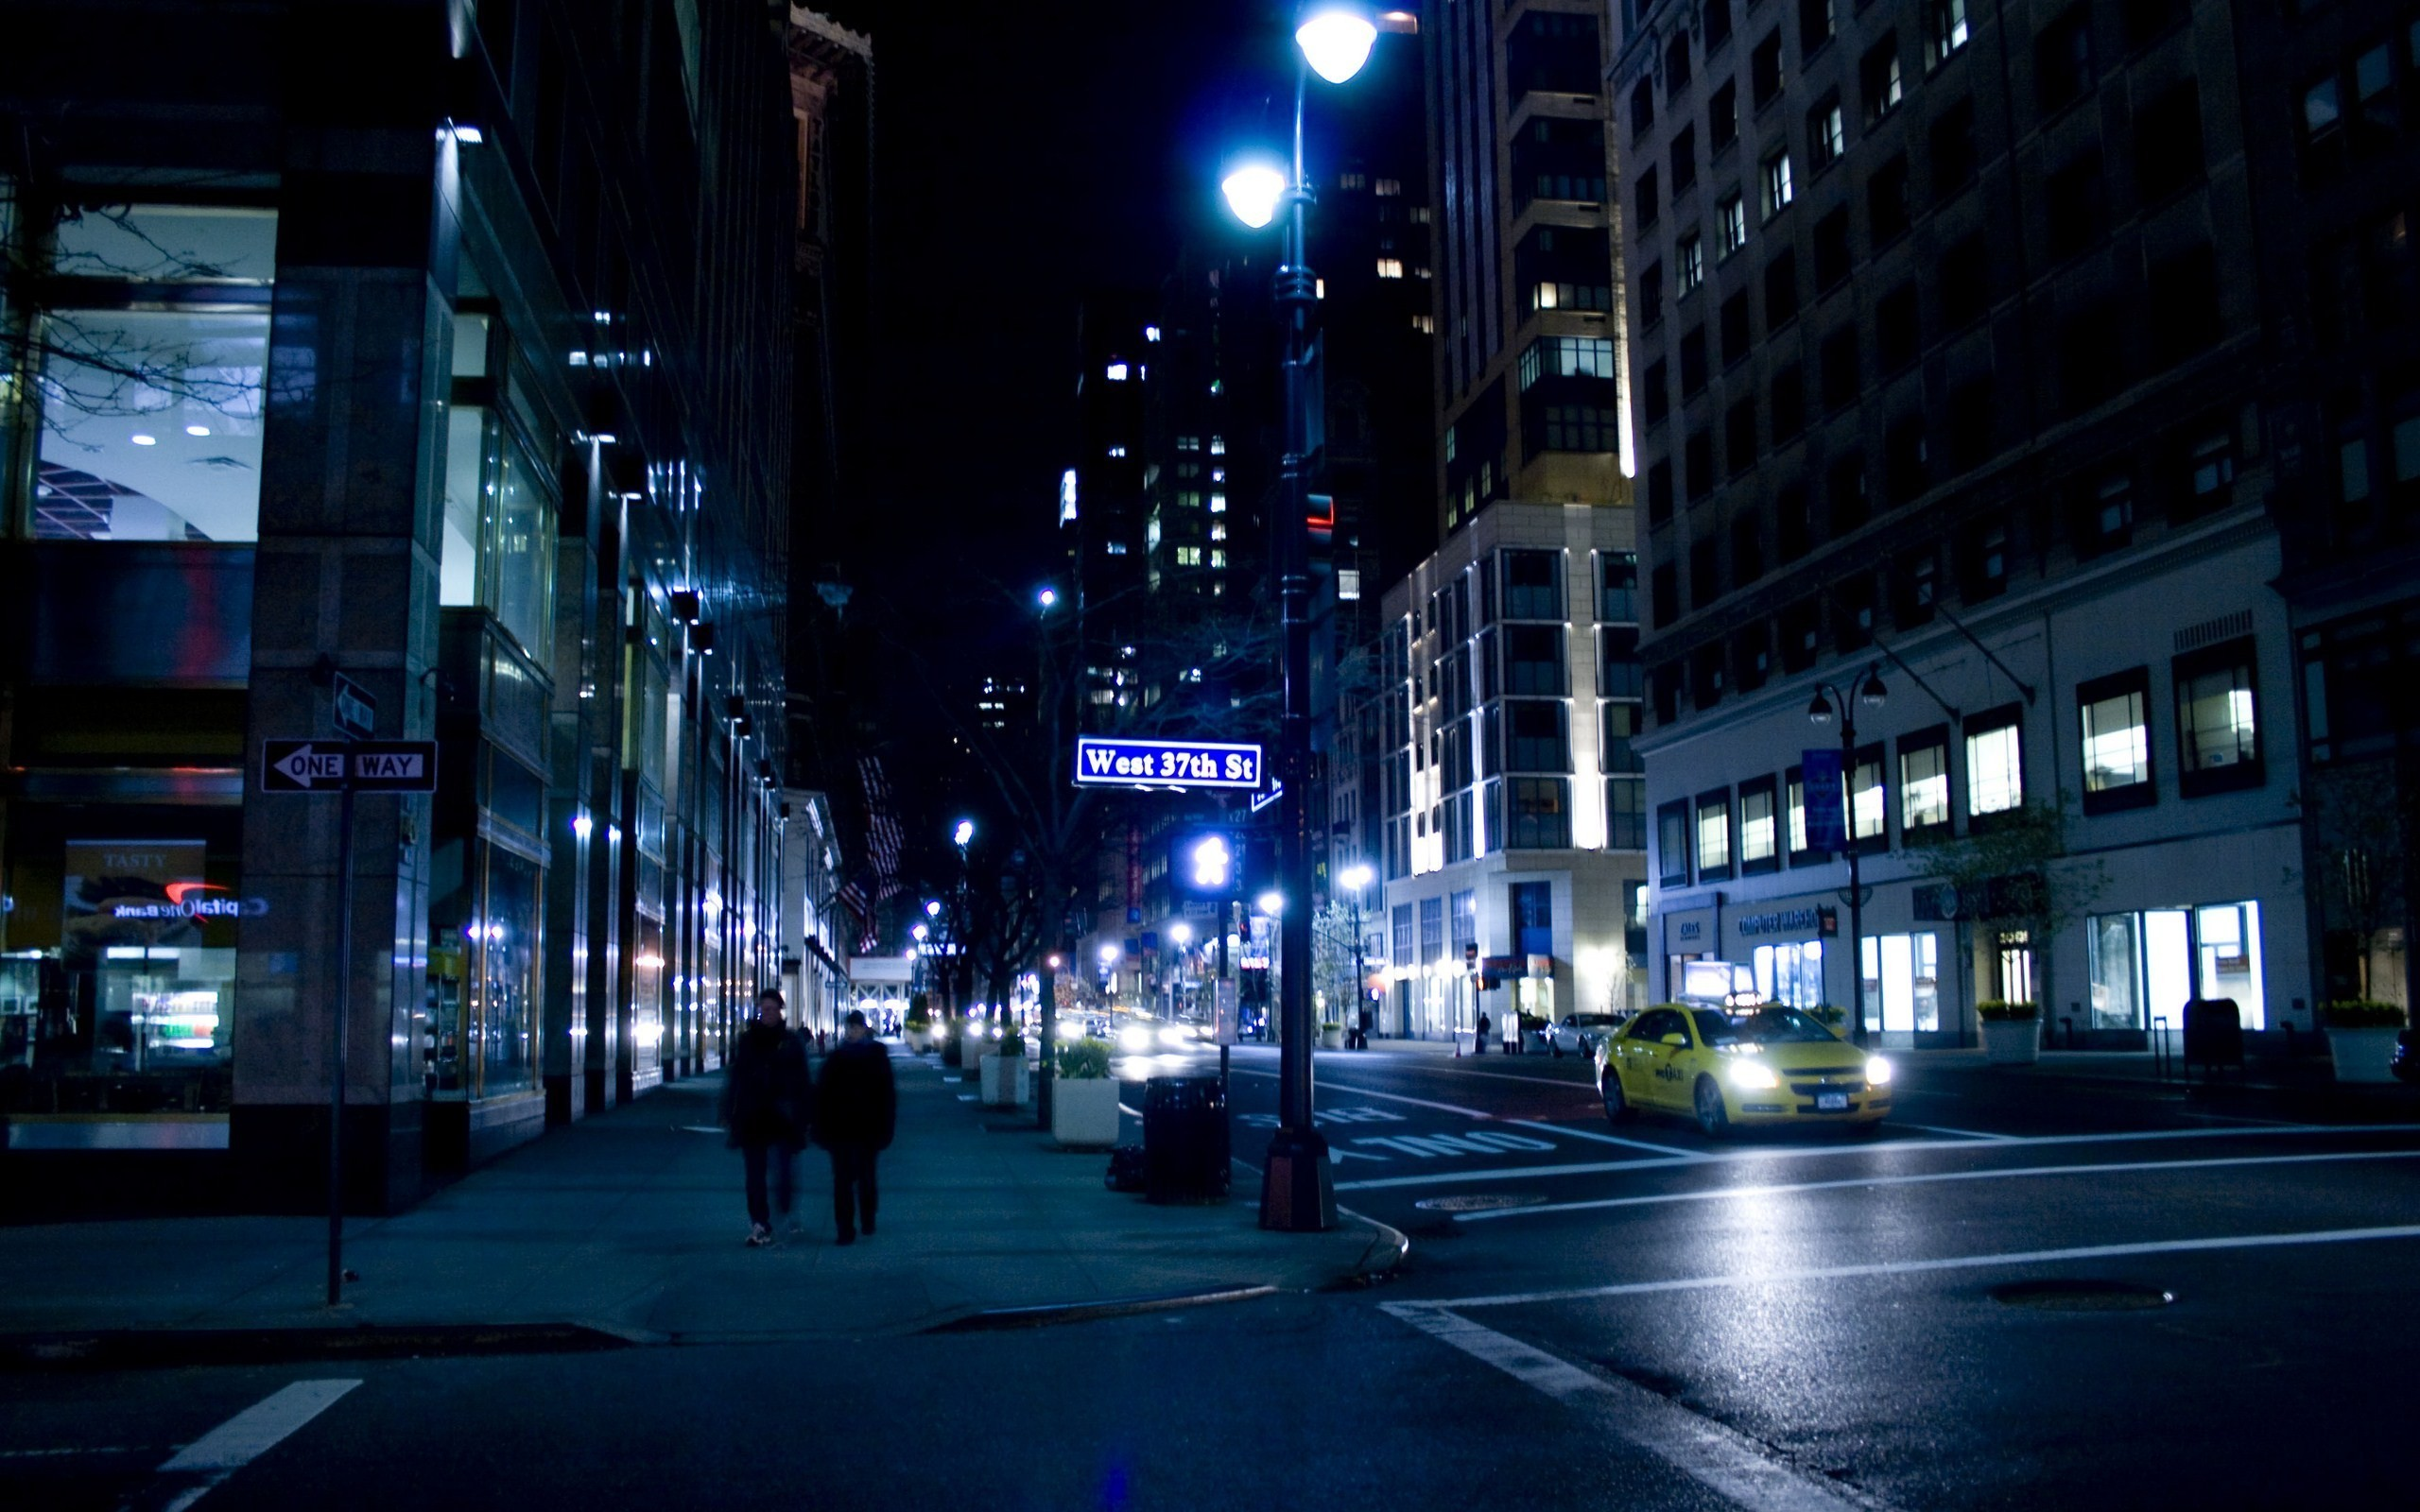 Streets night urban traffic city lights wallpaper - Night light city wallpaper ...